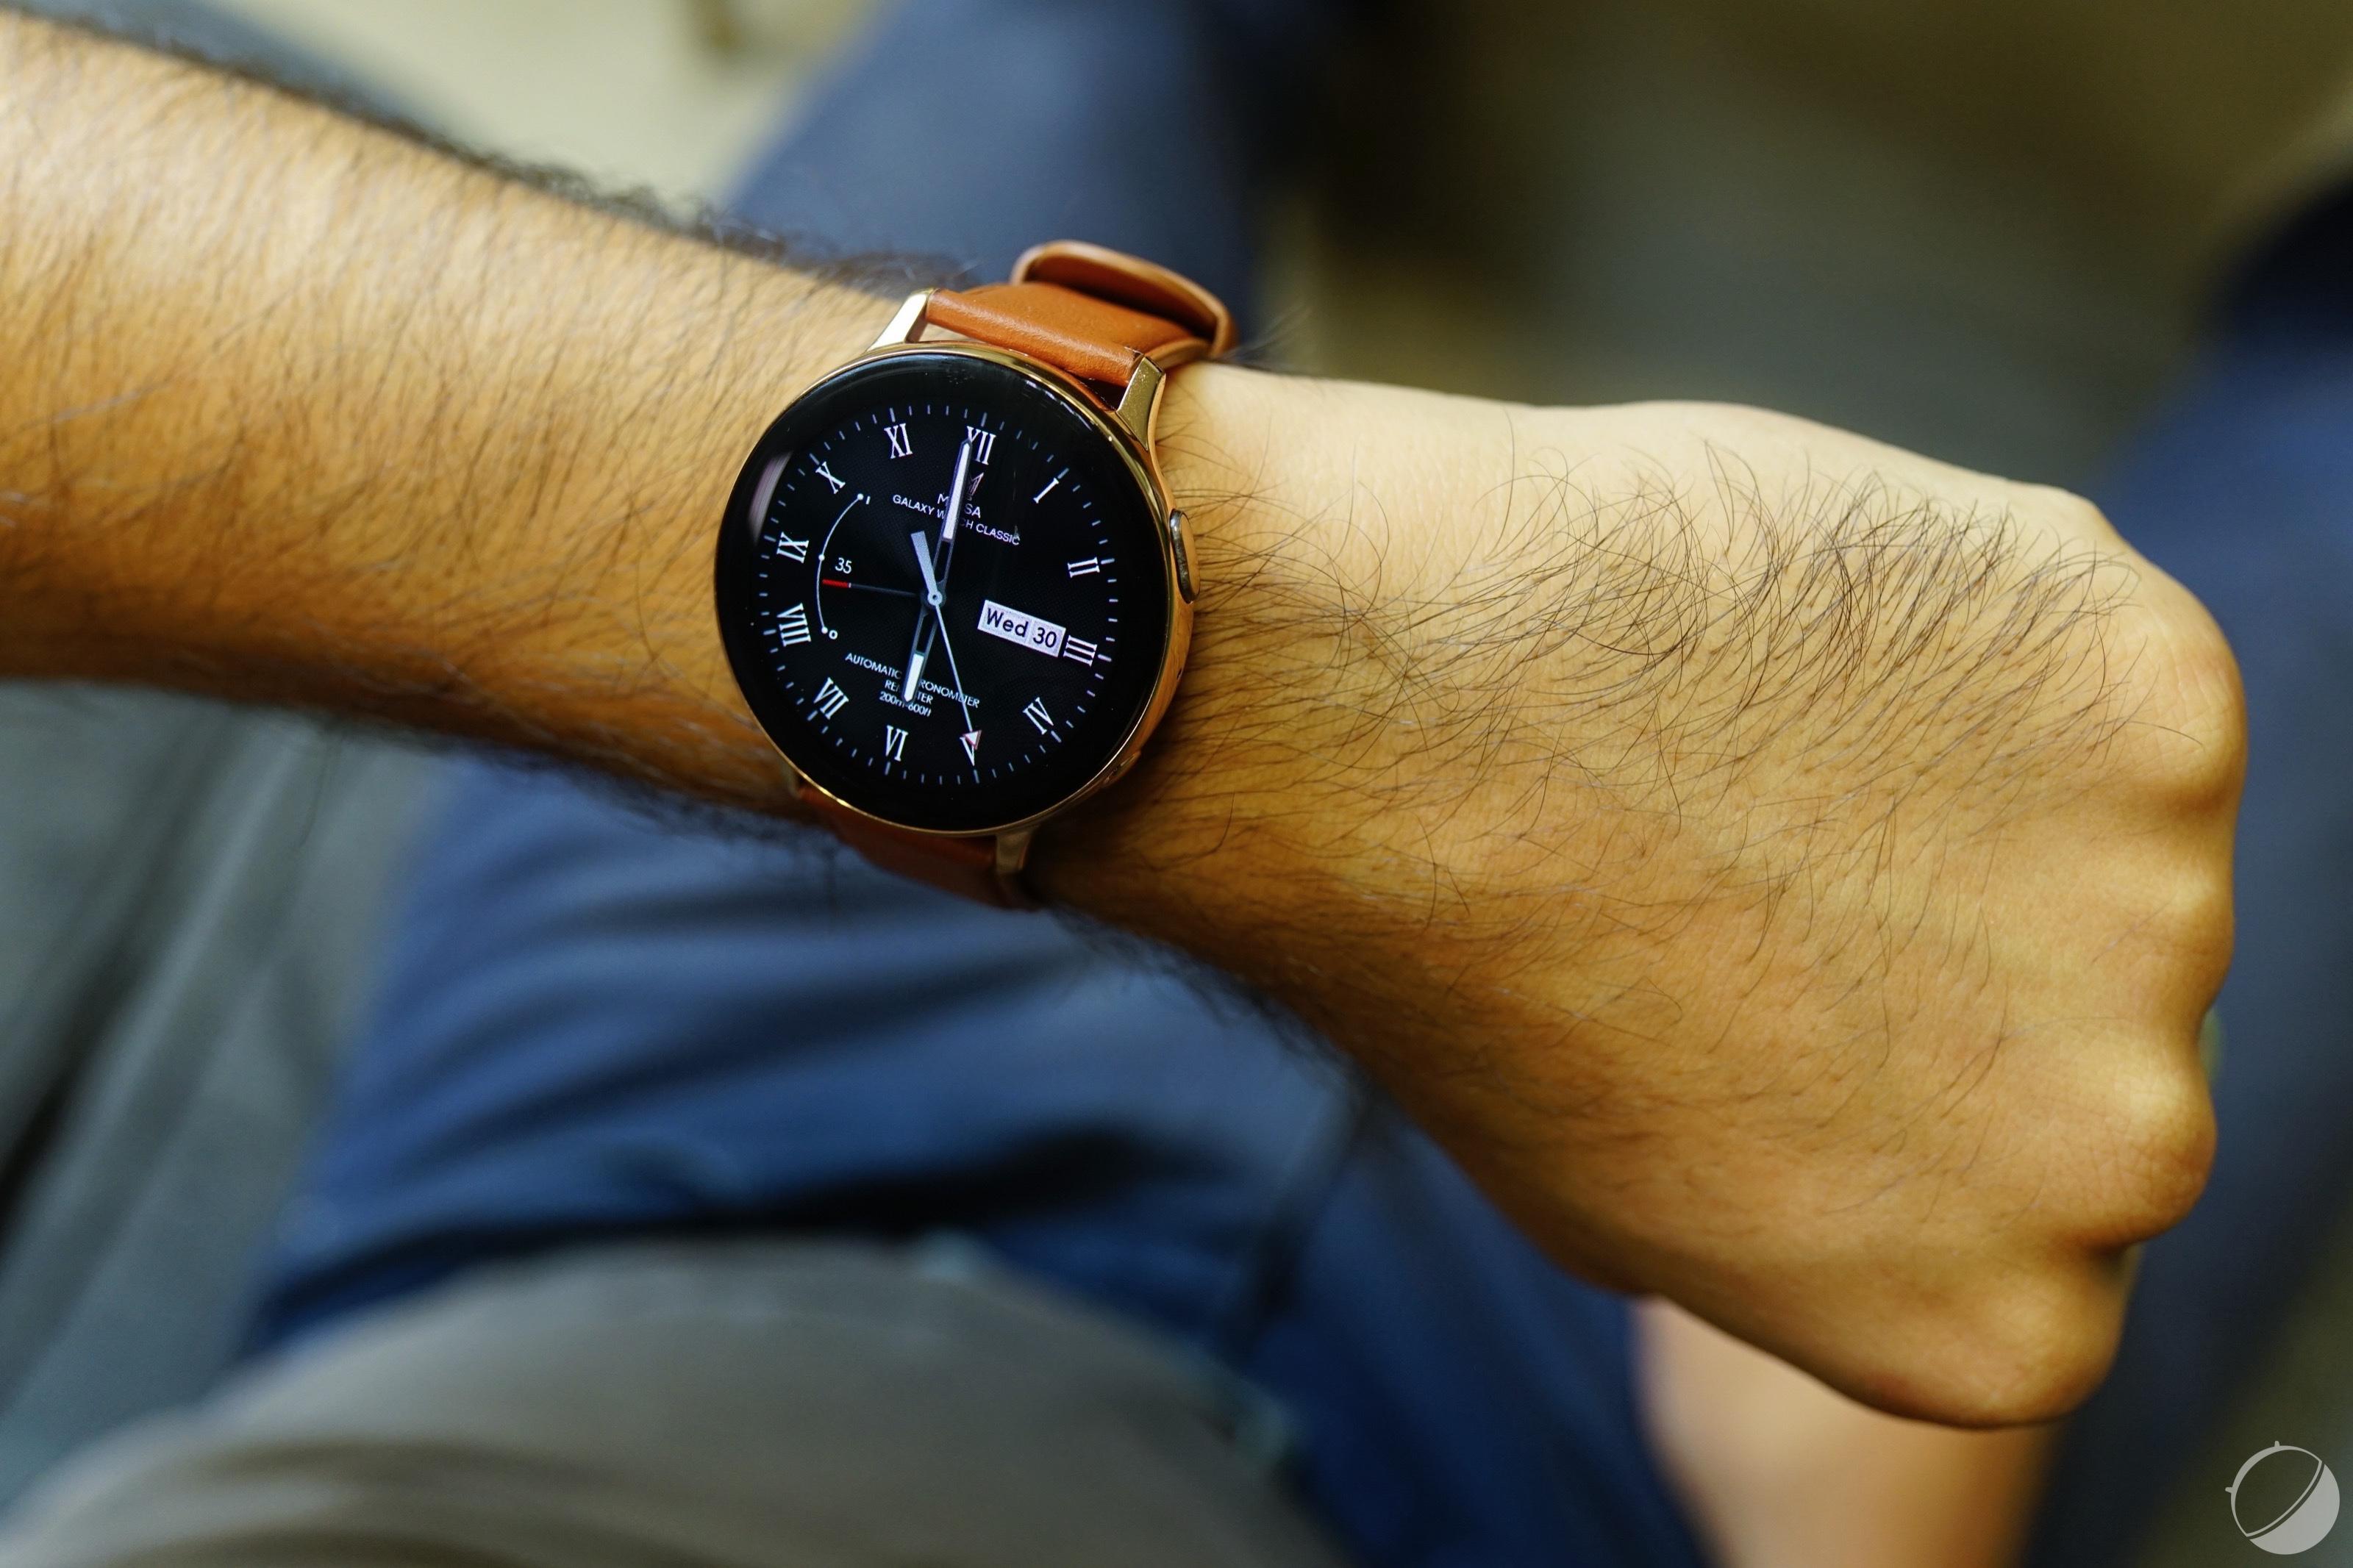 Samsung Galaxy Watch 3 : des photos dévoilent une refonte de Tizen OS